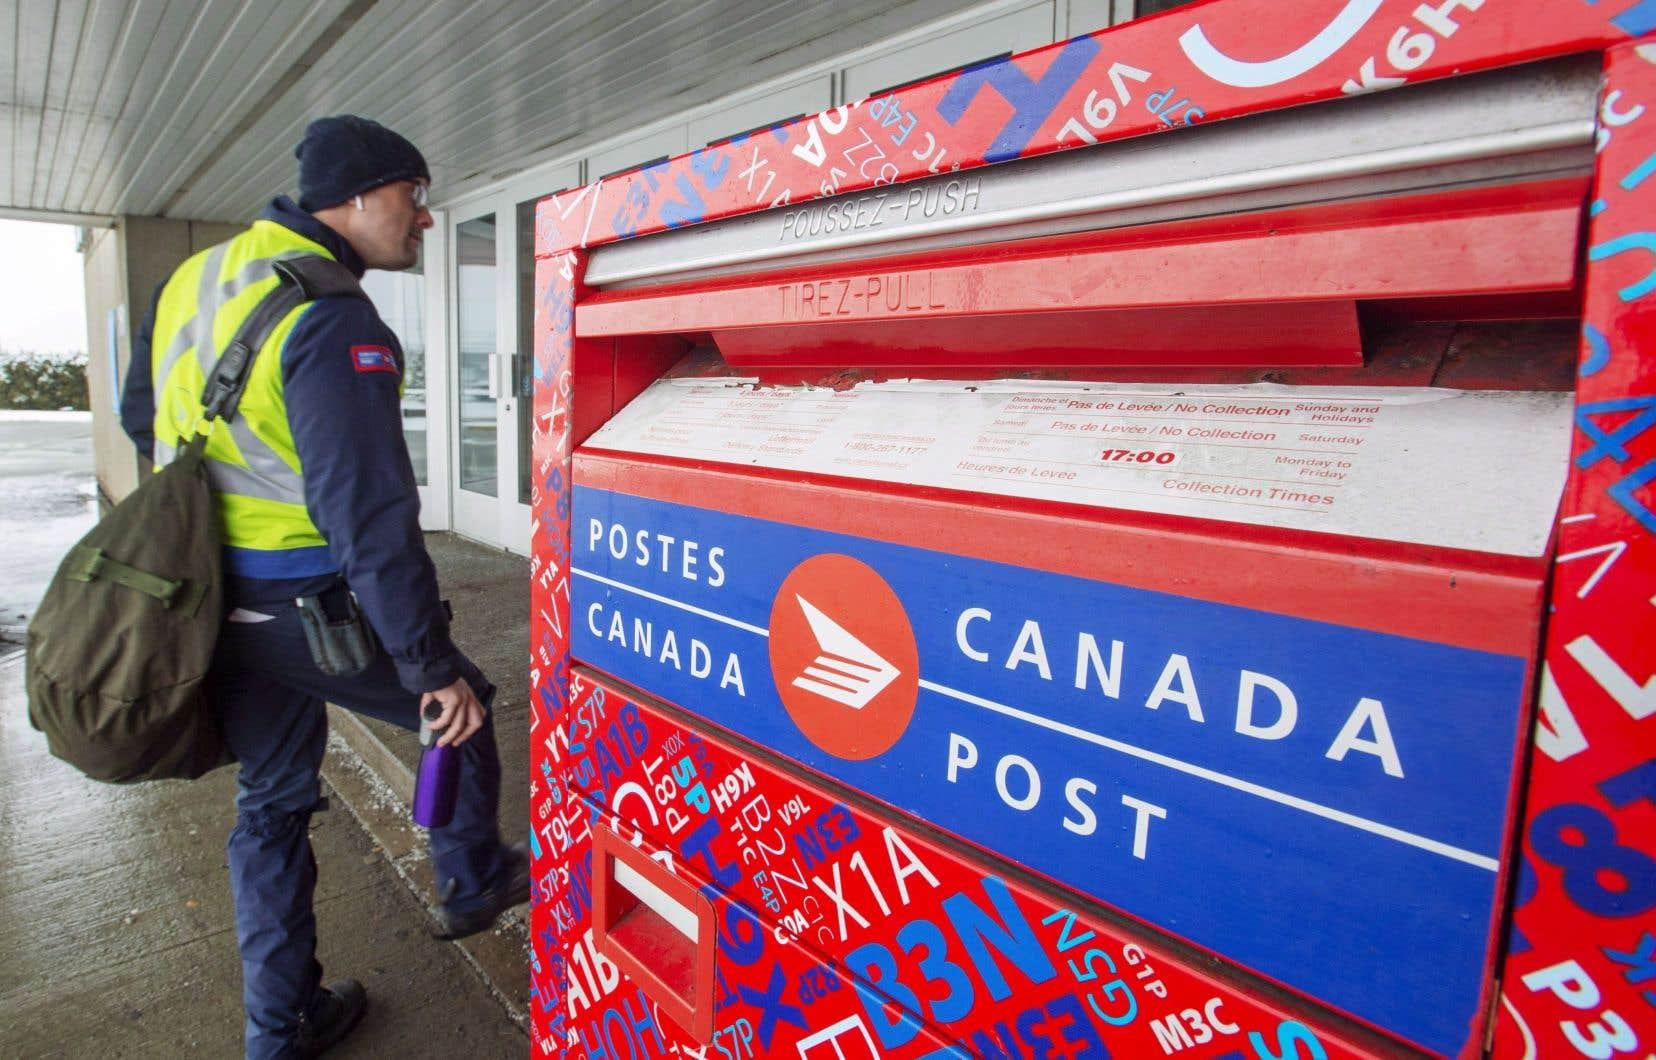 Dans l'ensemble, les revenus de Postes Canada ont atteint 6,75 milliards en 2019, en légère hausse par rapport à 2018.